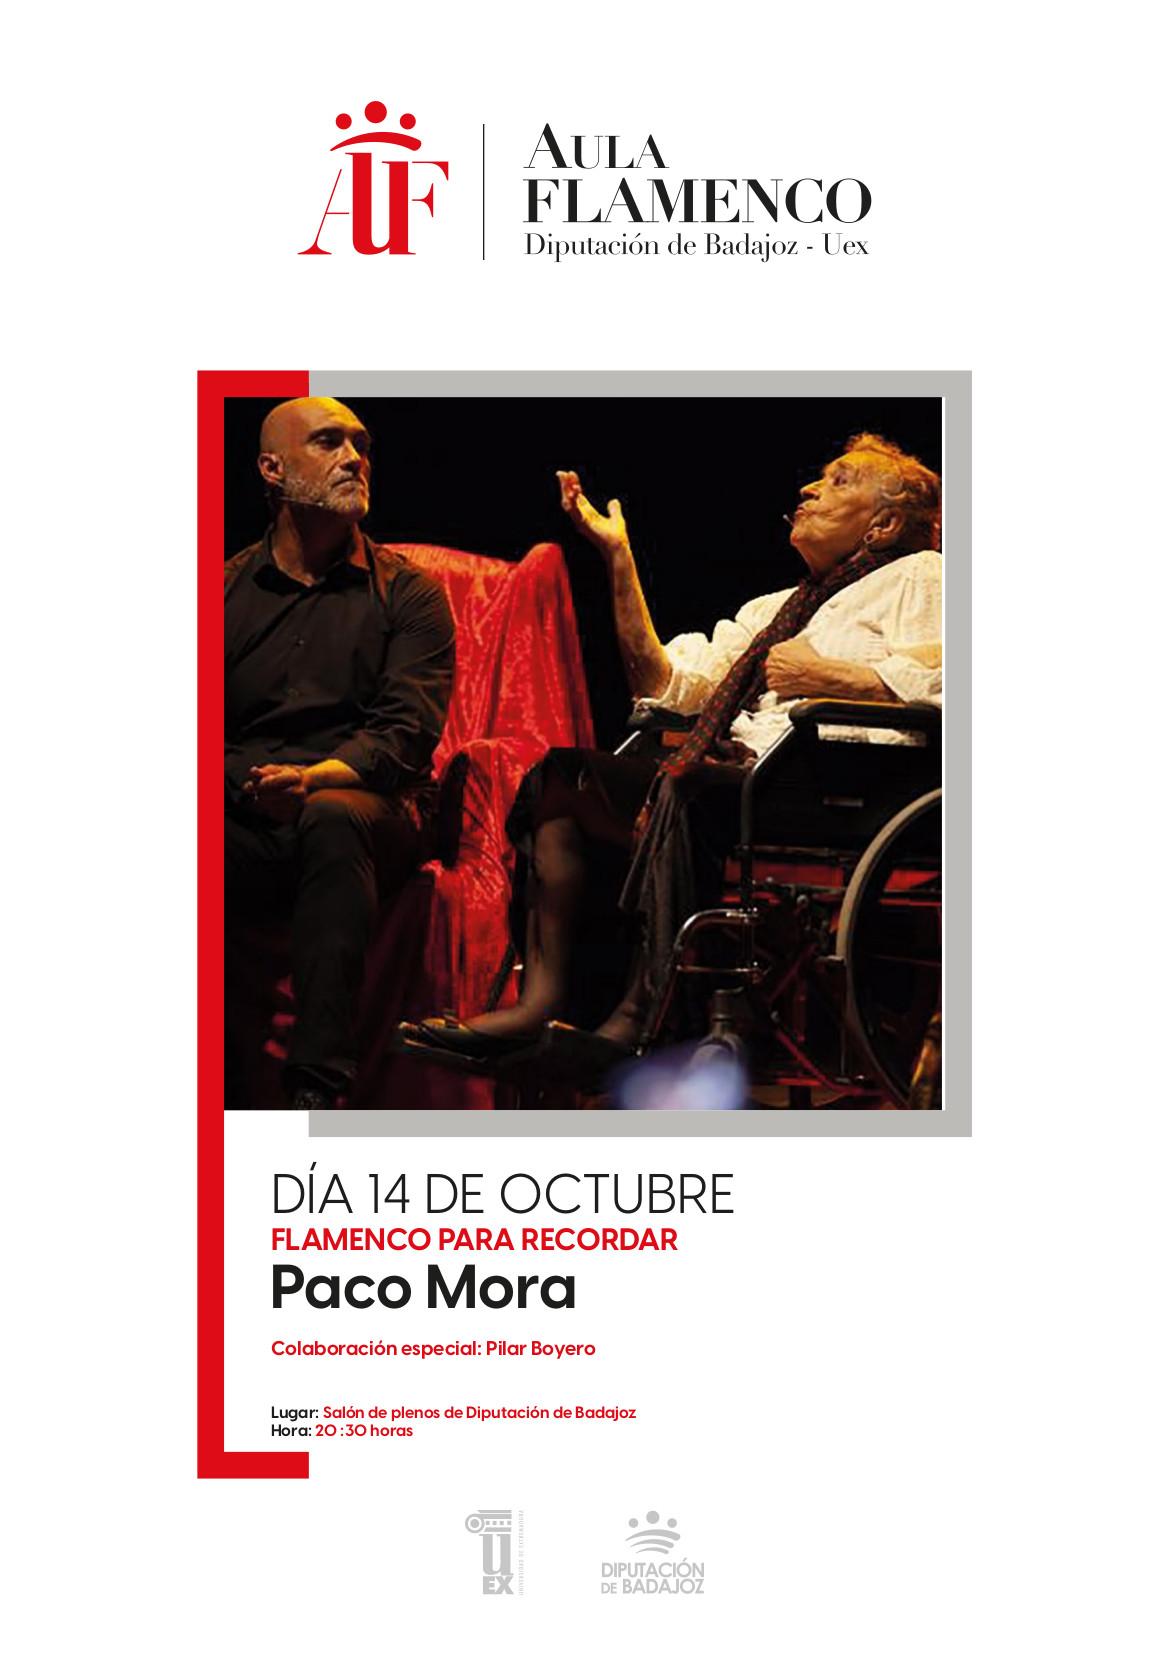 Imagen del Evento Flamenco para recordar